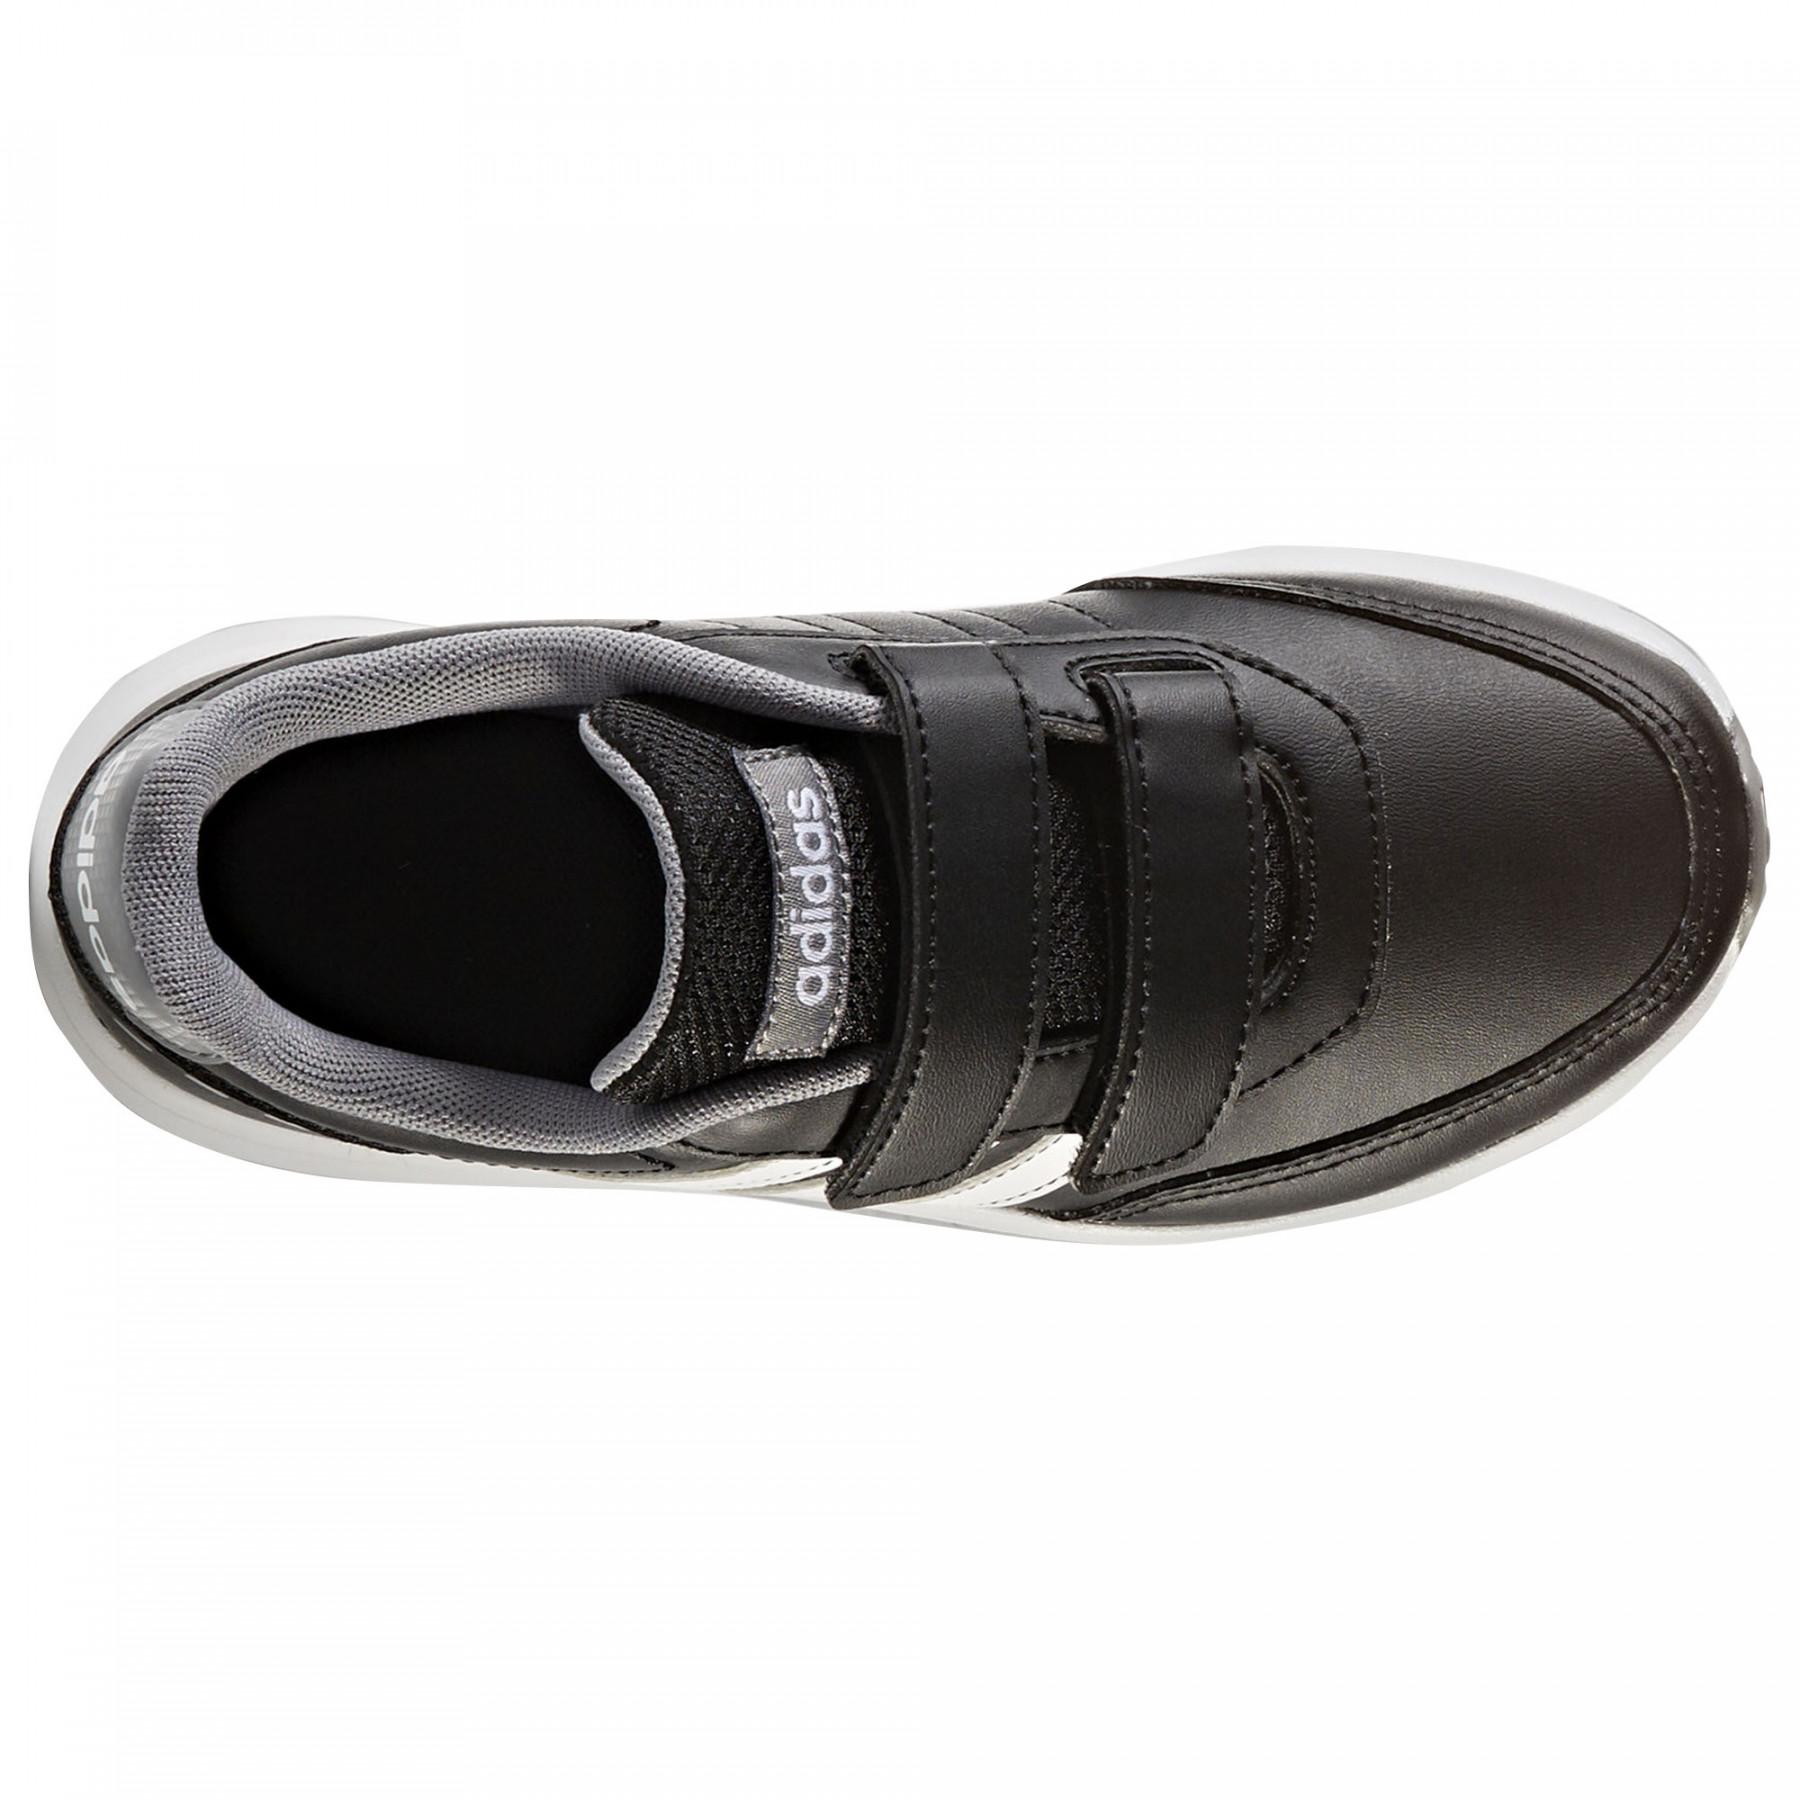 Vs Switch 2.0 Cmf Chaussure Garçon ADIDAS NOIR pas cher